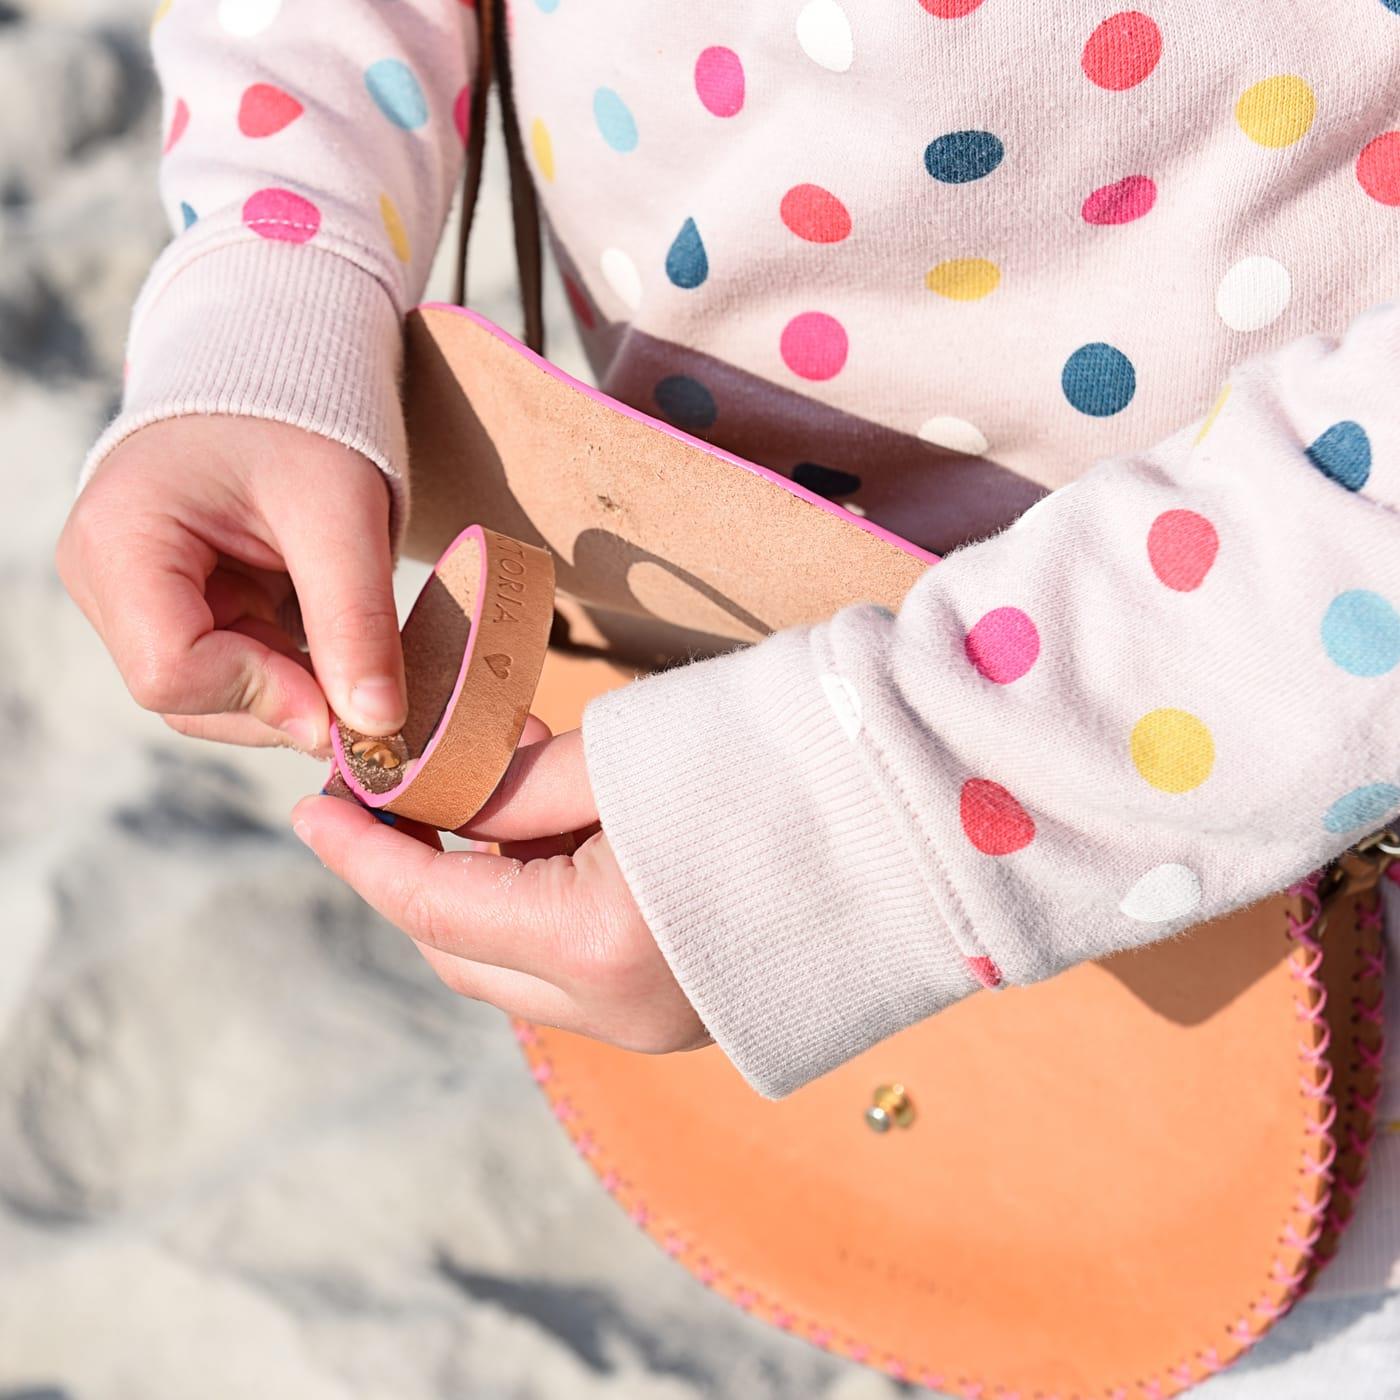 Schönes langlebiges Geschenk für Kinder: Kindertaschen von lapaporter // HIMBEER